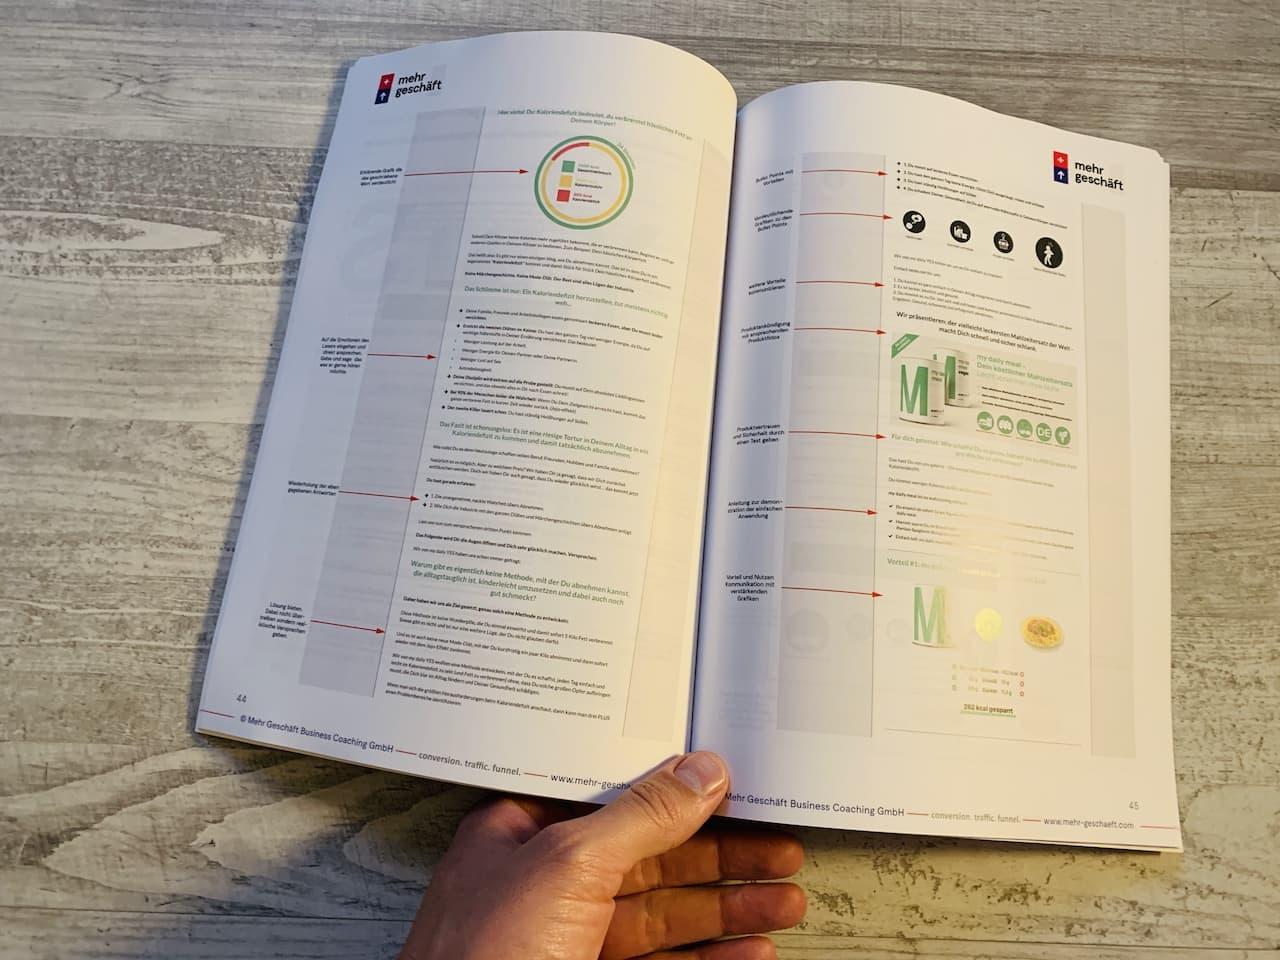 Das Online Marketing Buch von Mehr Geschäft Seite 44 45